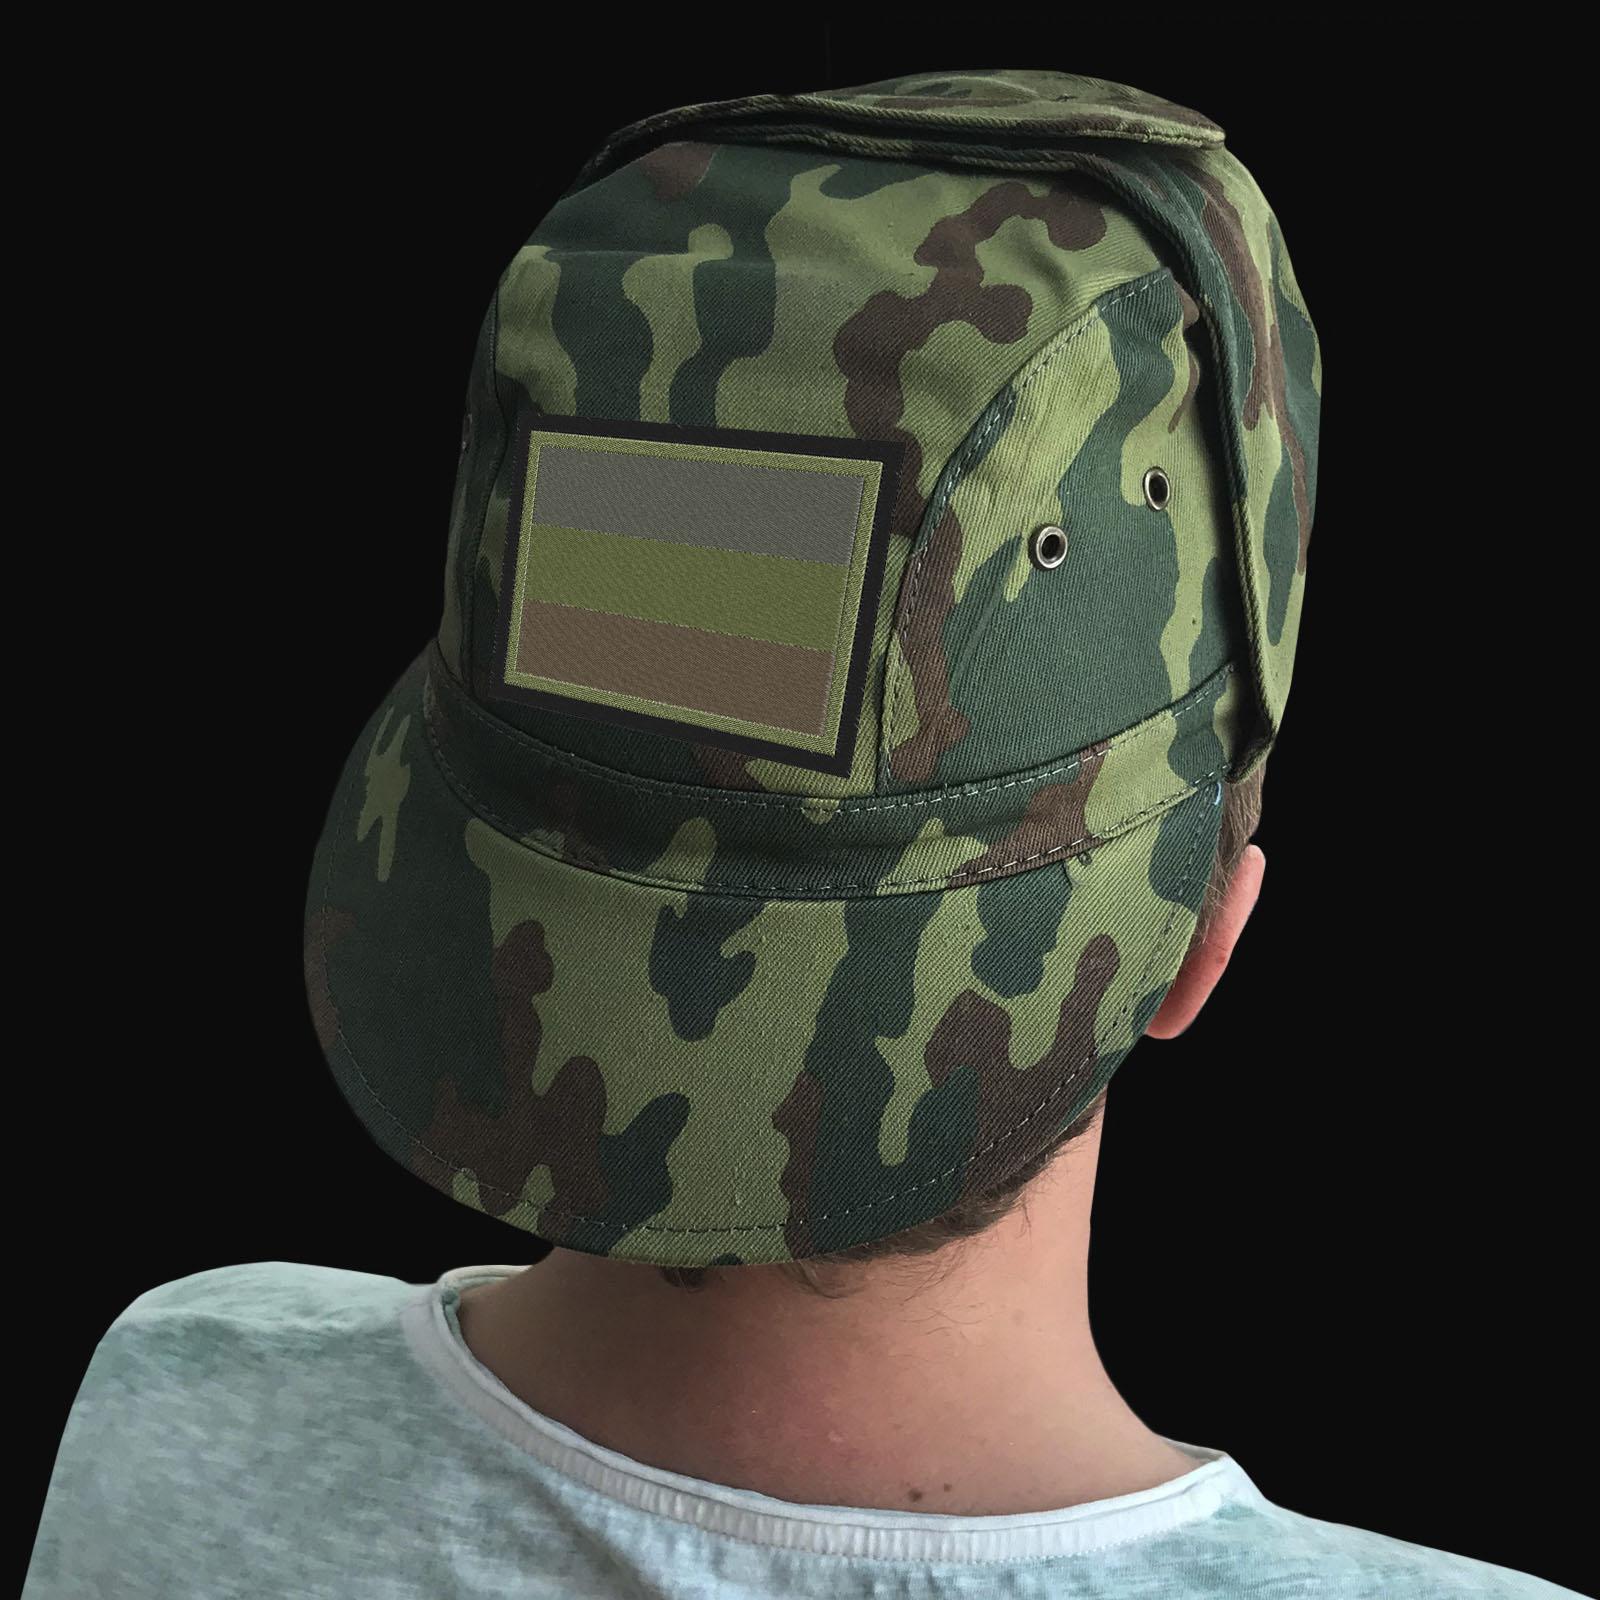 Казачьи кепки и бейсболки с быстрой доставкой по РФ